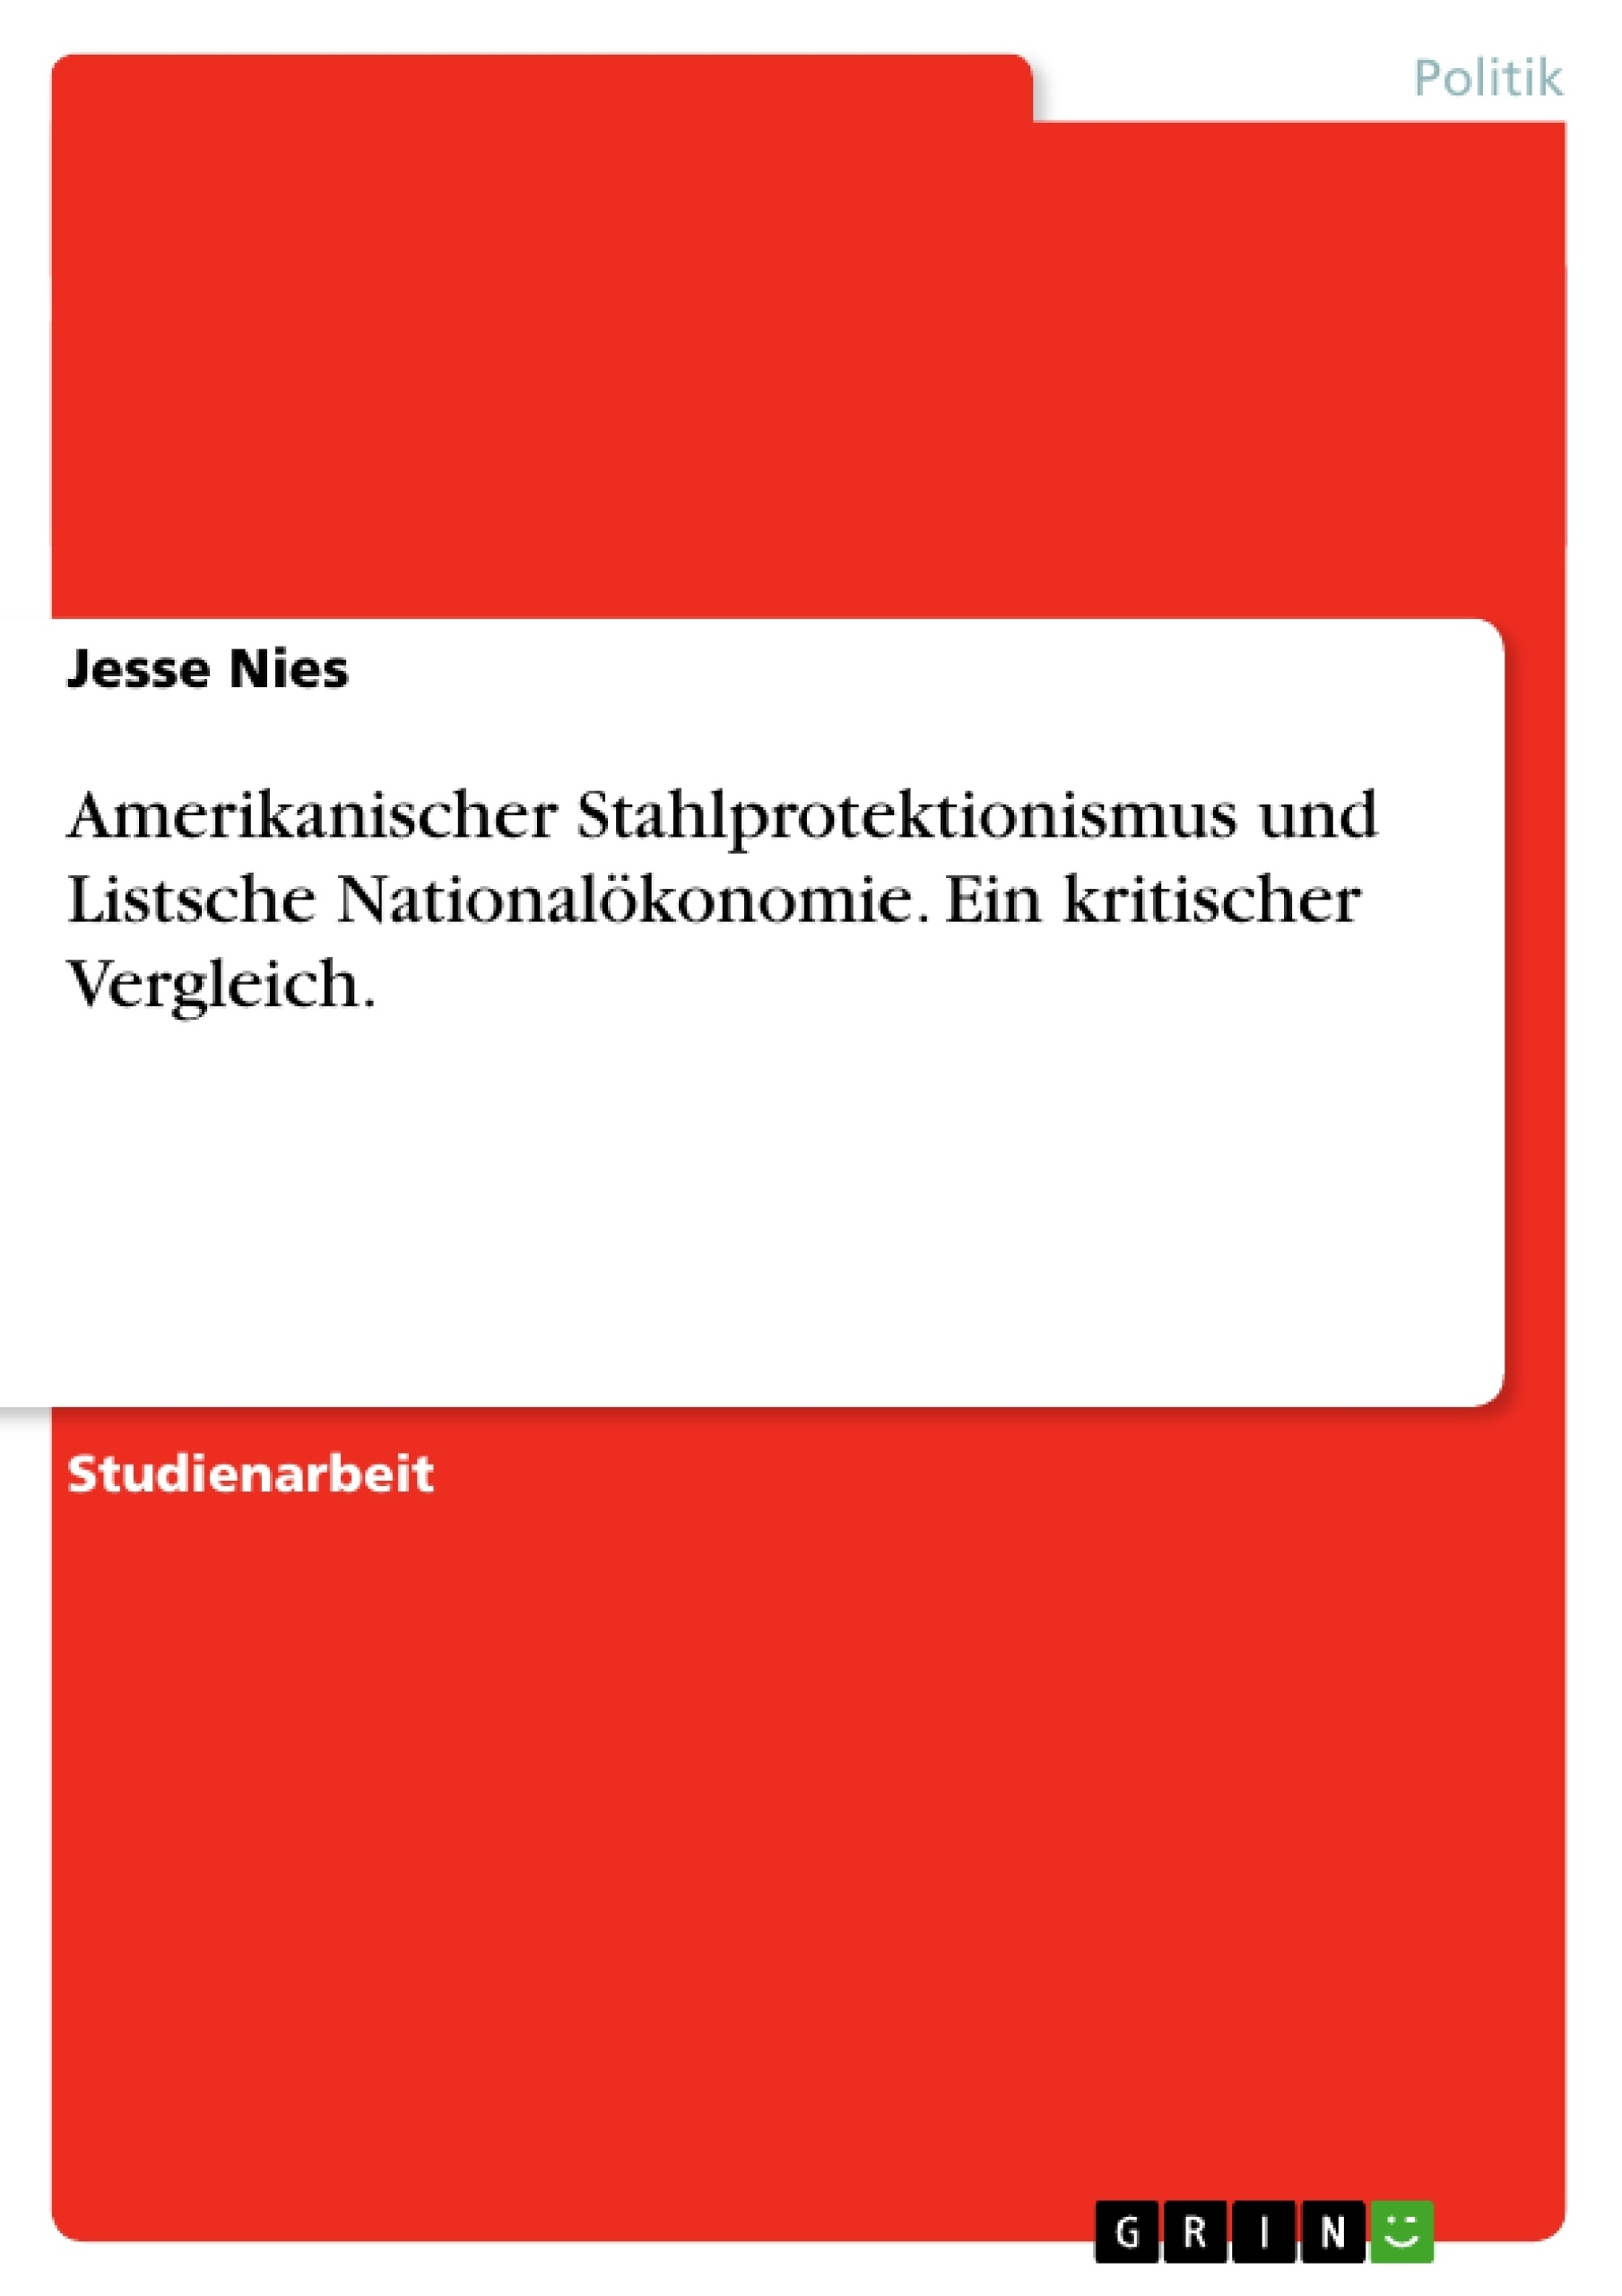 Titel: Amerikanischer Stahlprotektionismus und Listsche Nationalökonomie. Ein kritischer Vergleich.